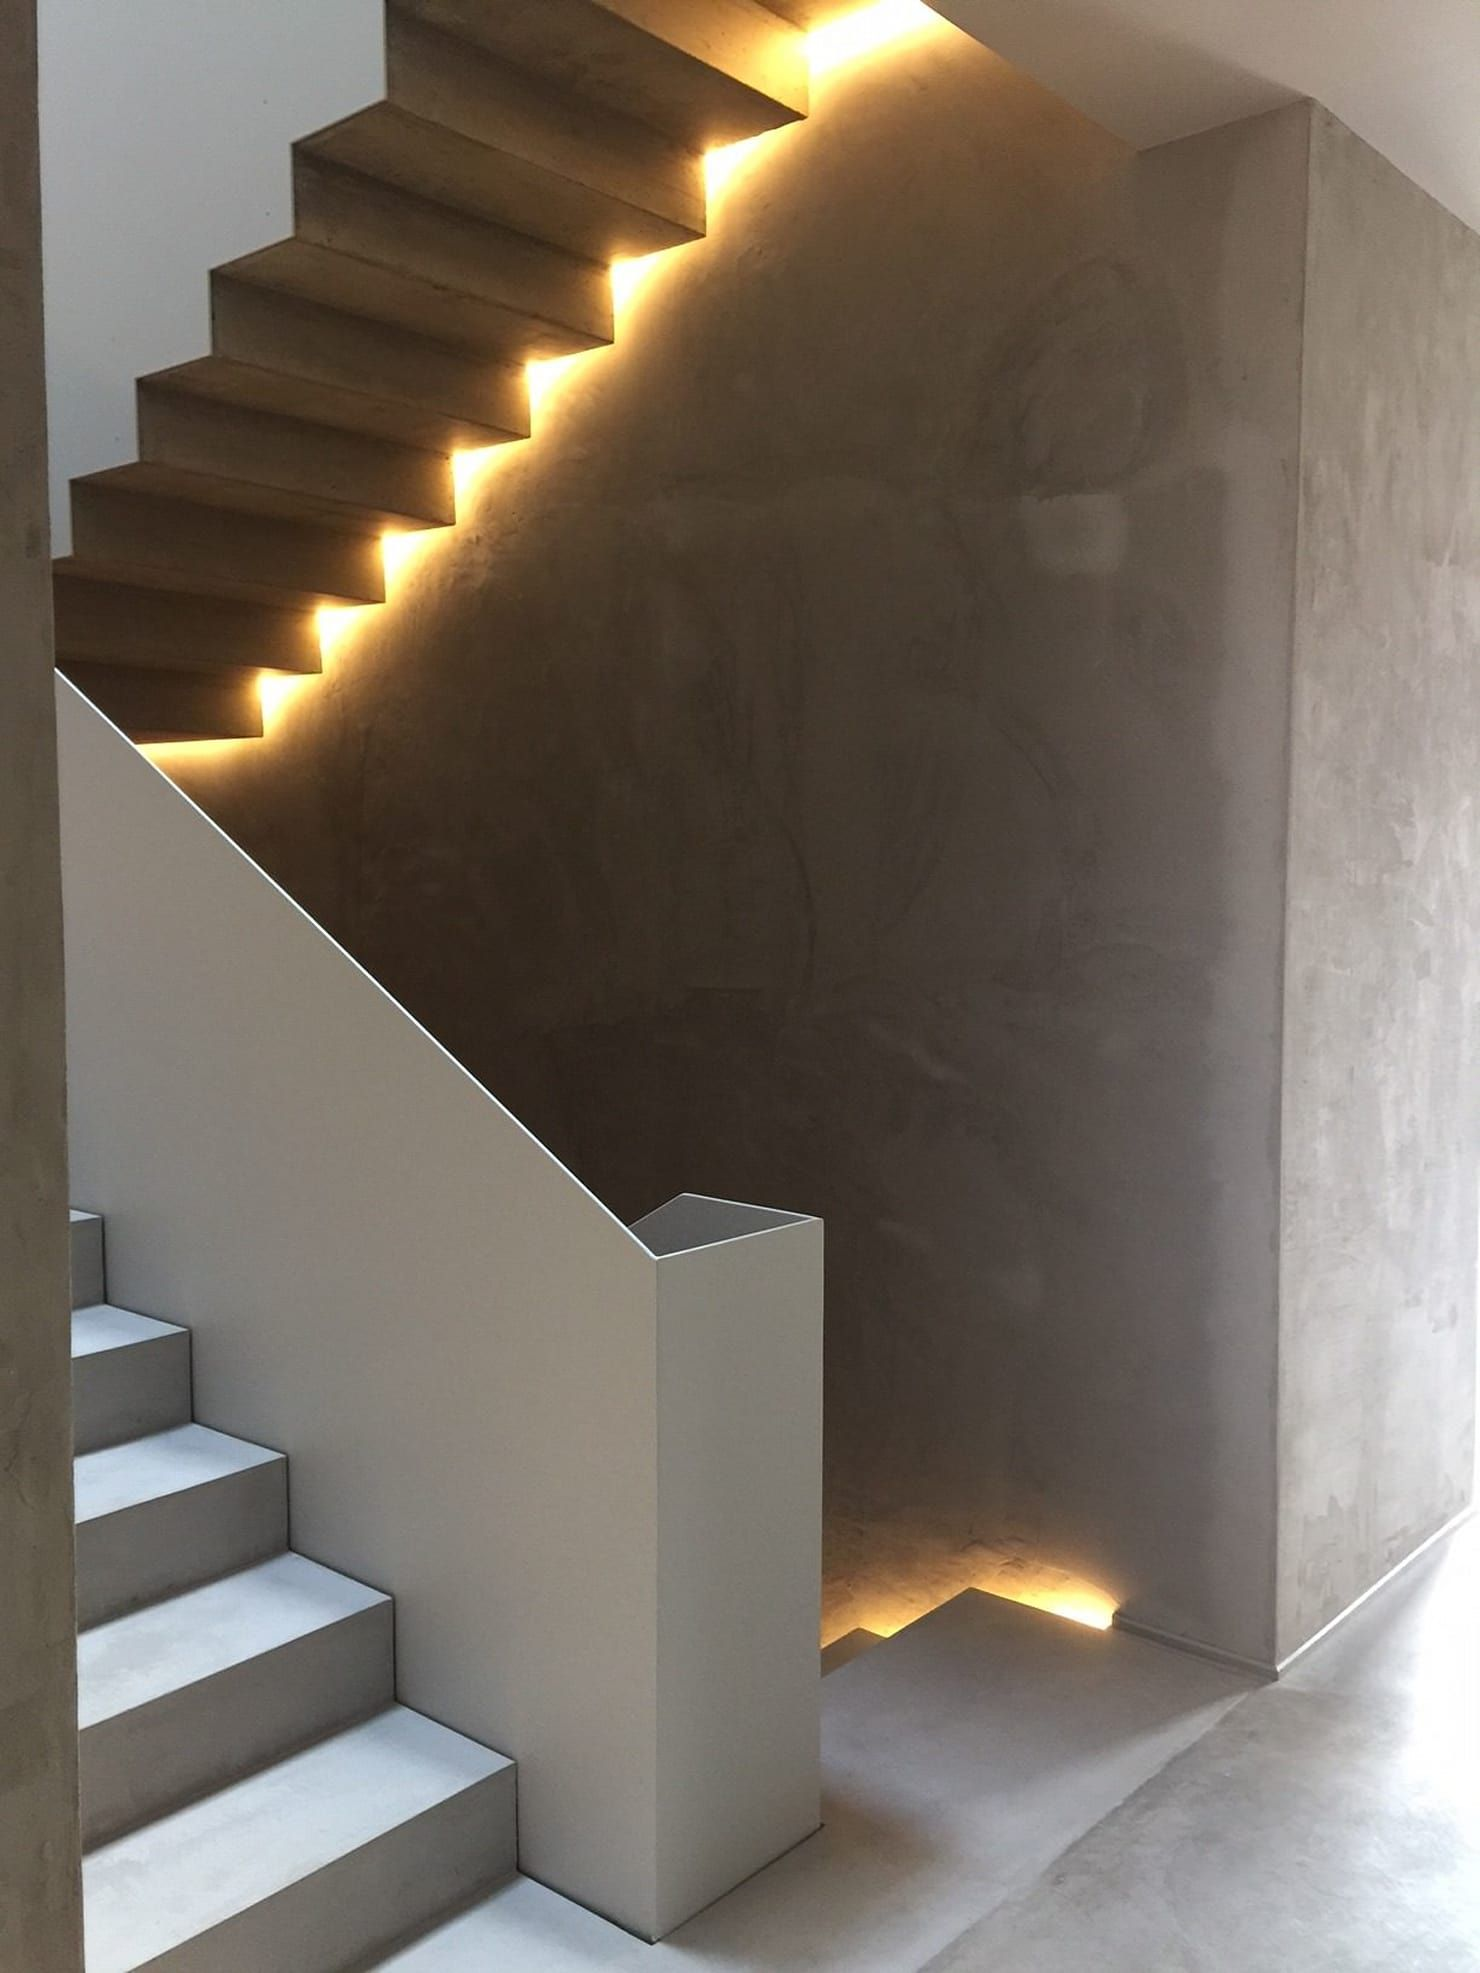 Casa Garibaldi Ingresso Corridoio Scale In Stile Moderno Di Studio Di Architettura Disegno Moderno Ringhiere Scala Scale Moderne Disegno Scala